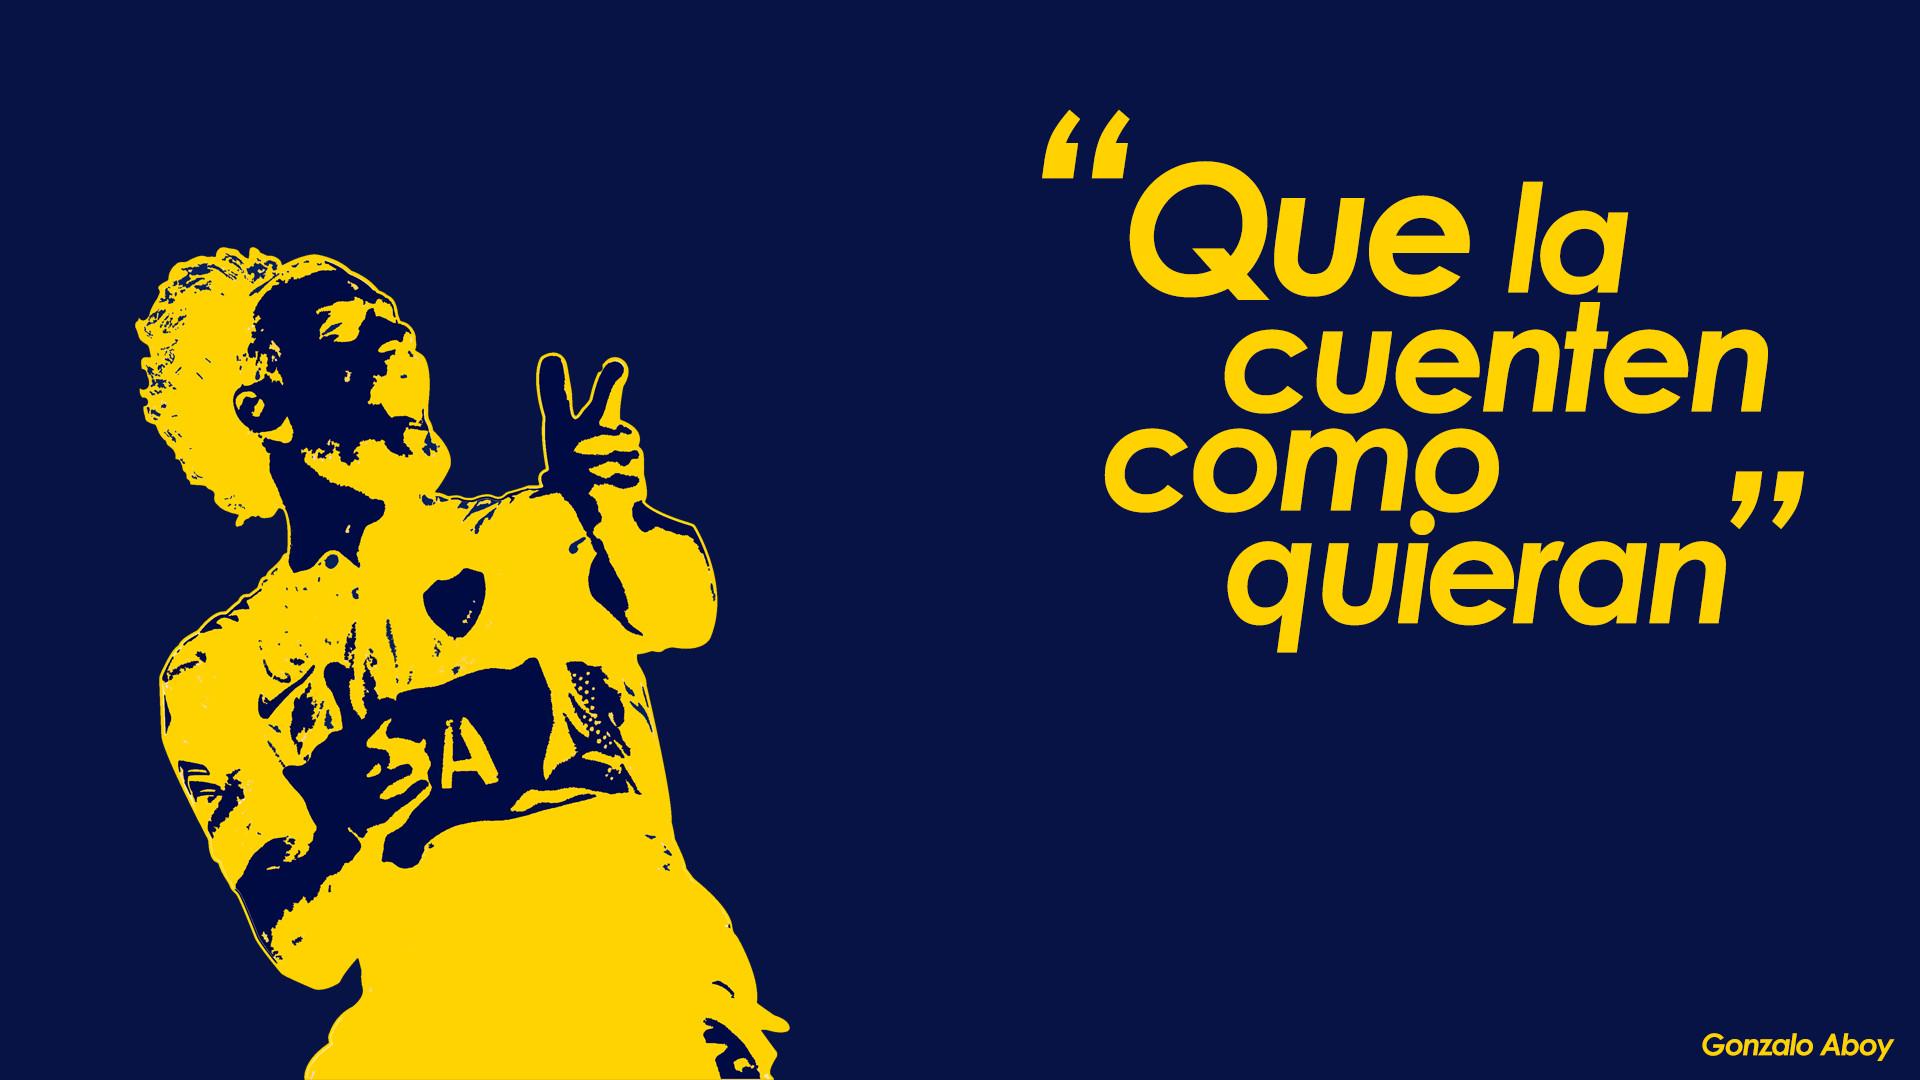 Signal Iduna Park Wallpaper Hd Boca Juniors Hd Wallpapers 78 Images